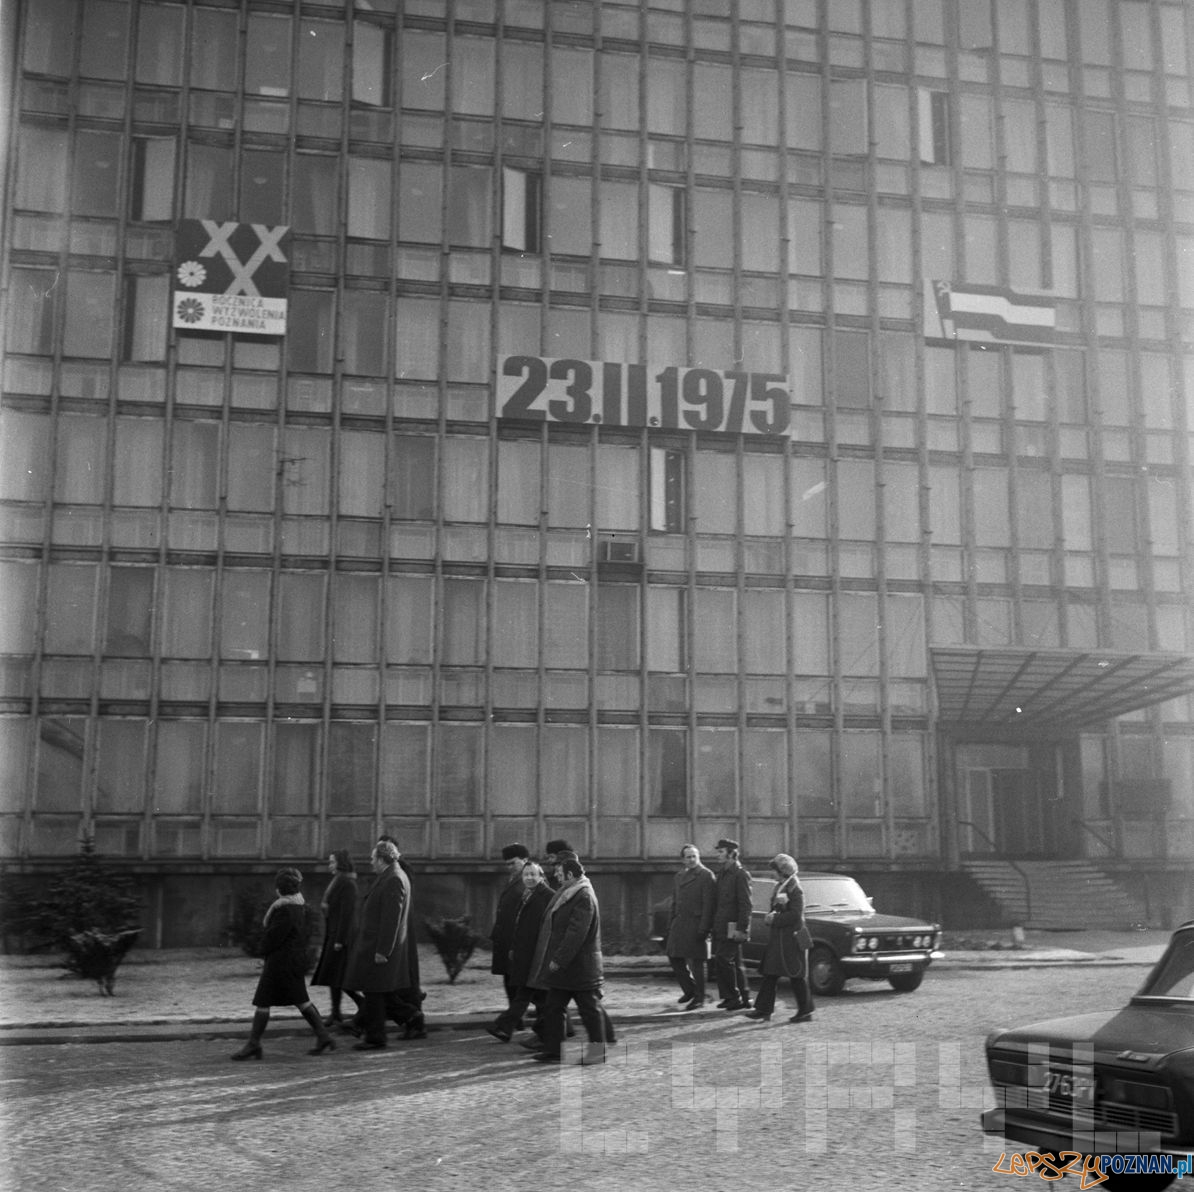 Wizyta delegacji KPZR z Charkowa w Fabryce Łożysk Tocznych   21.02.1975  Foto: Stanisław Wiktor  / Cyryl